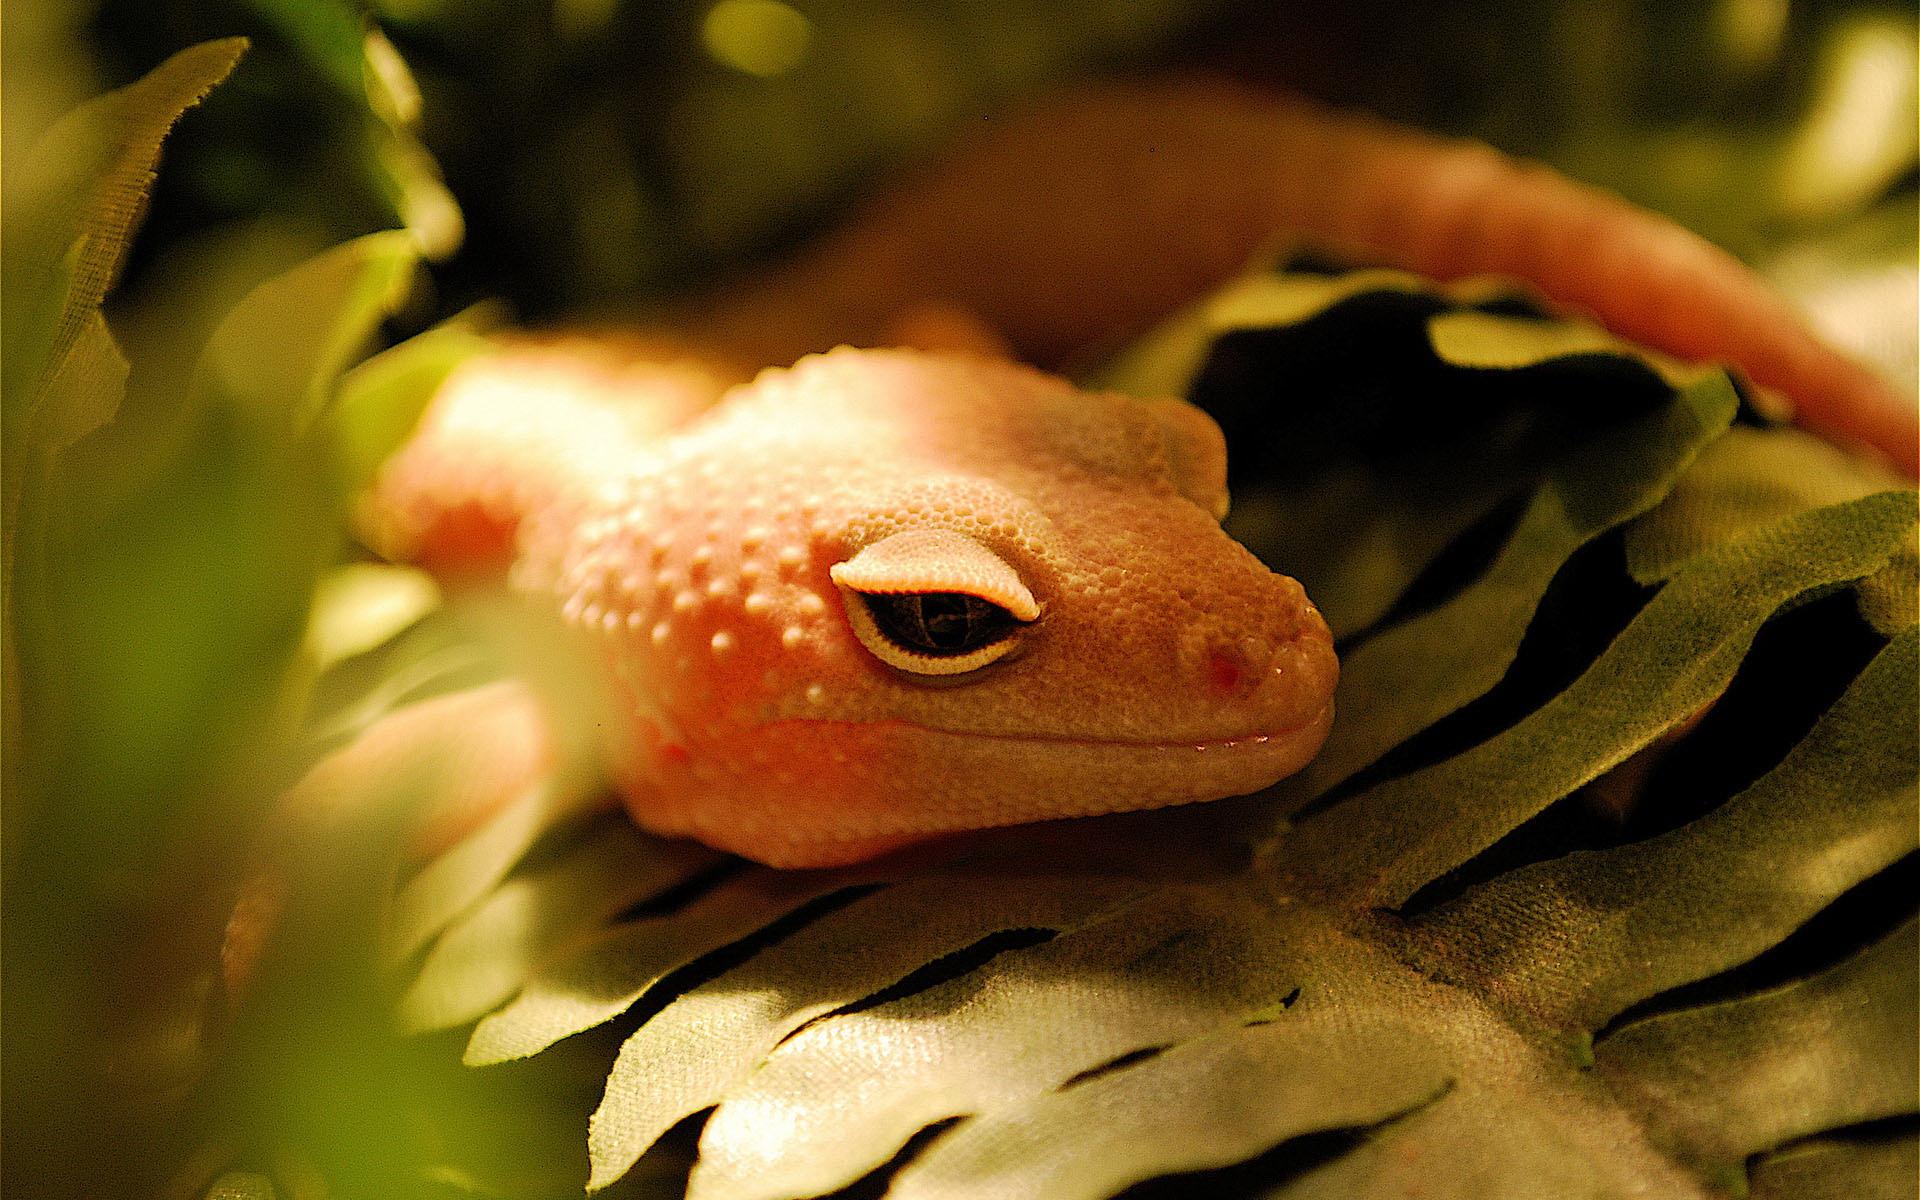 3840x2160 wallpaper lizard gecko - photo #24